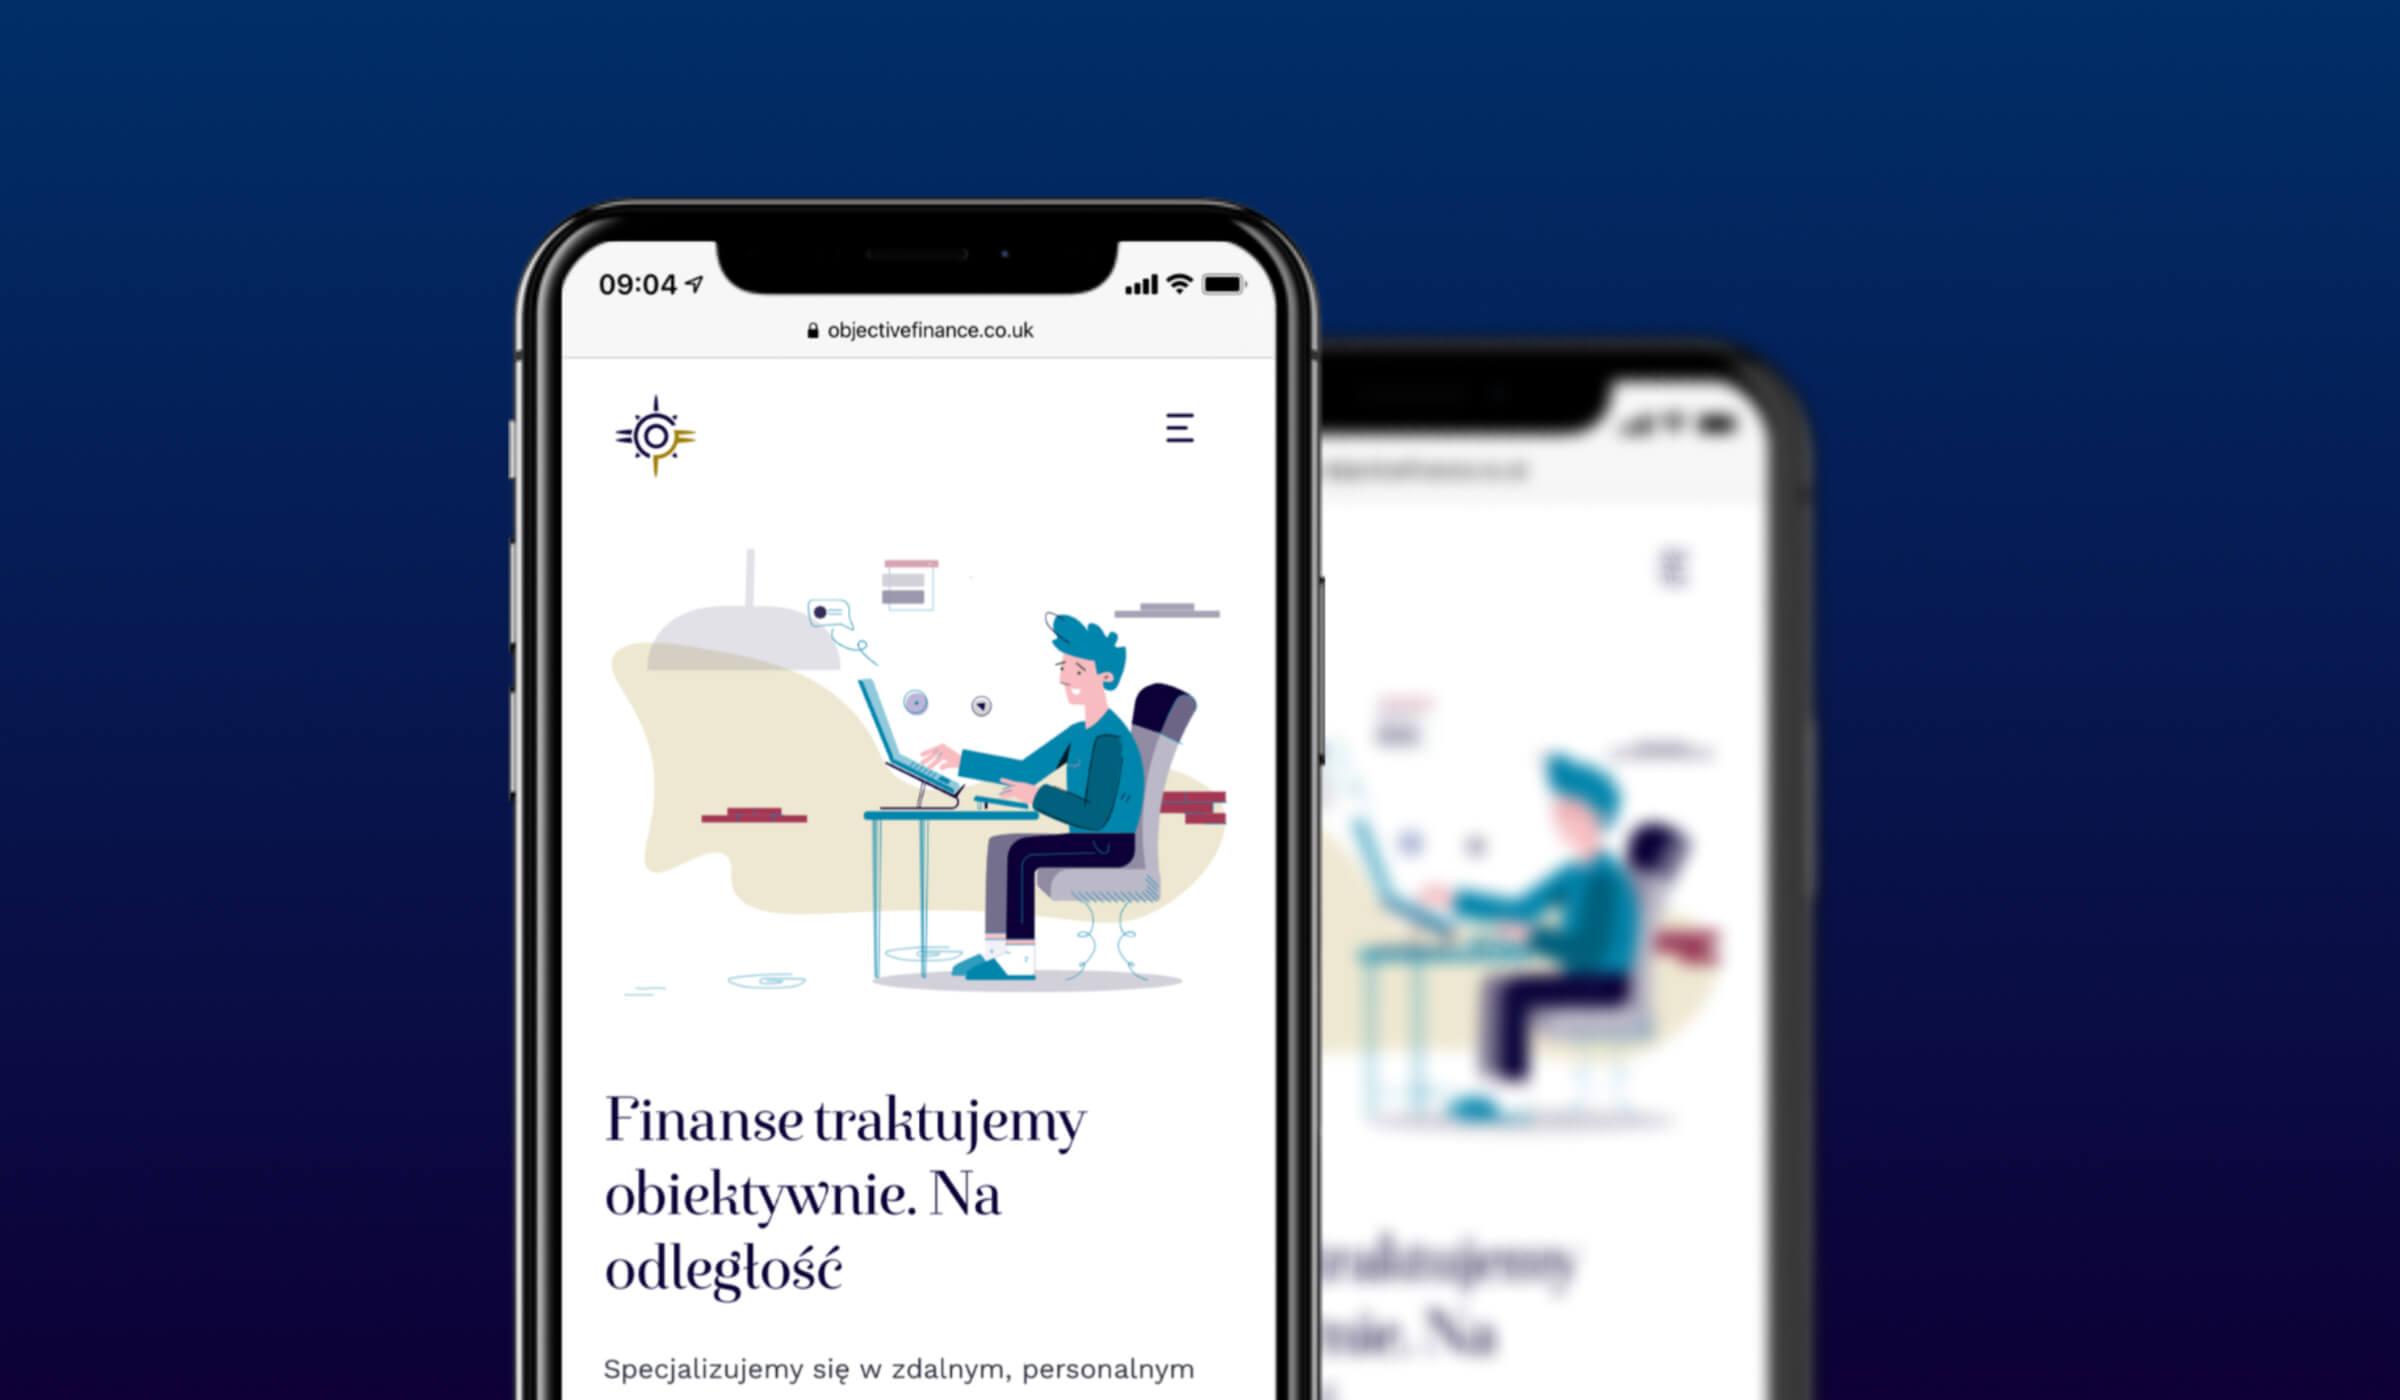 Objective Finance strona mobilna mockup